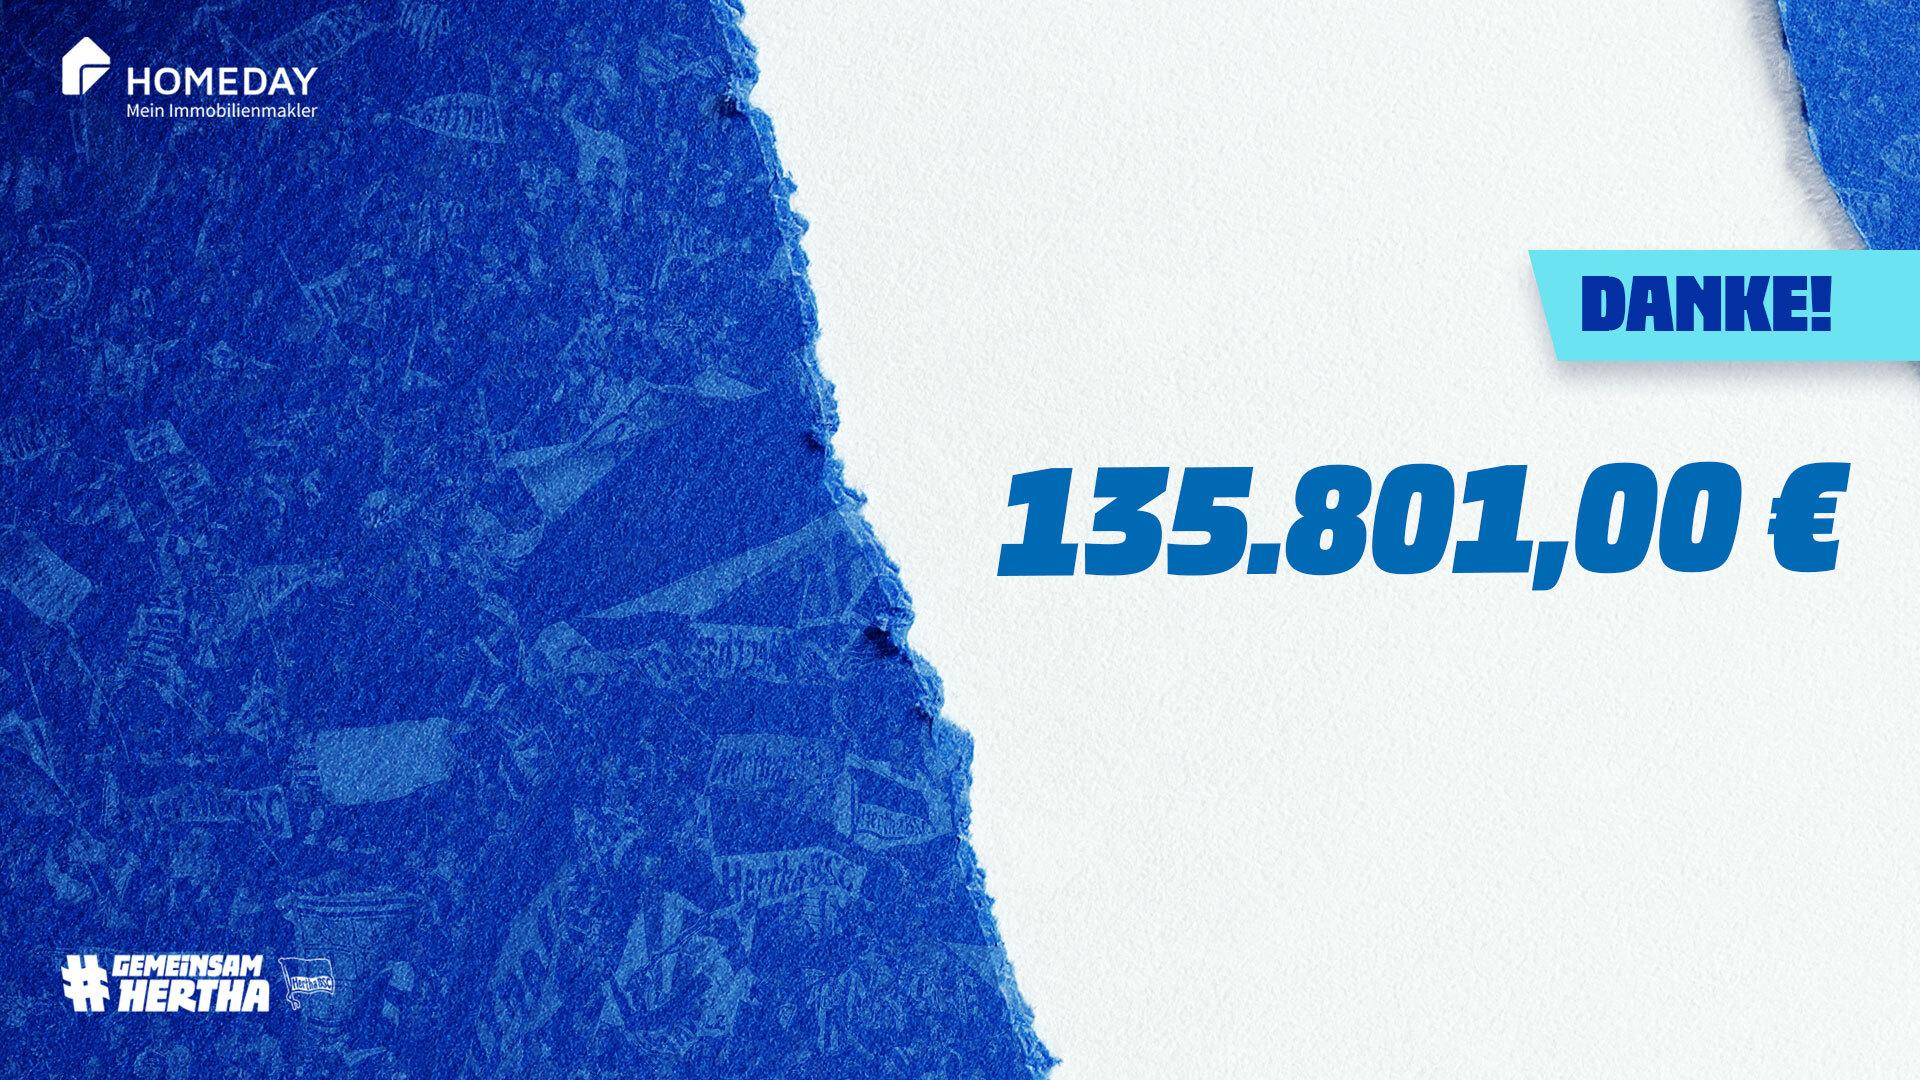 Die Spendensumme 135.801 Euro als Zahl.